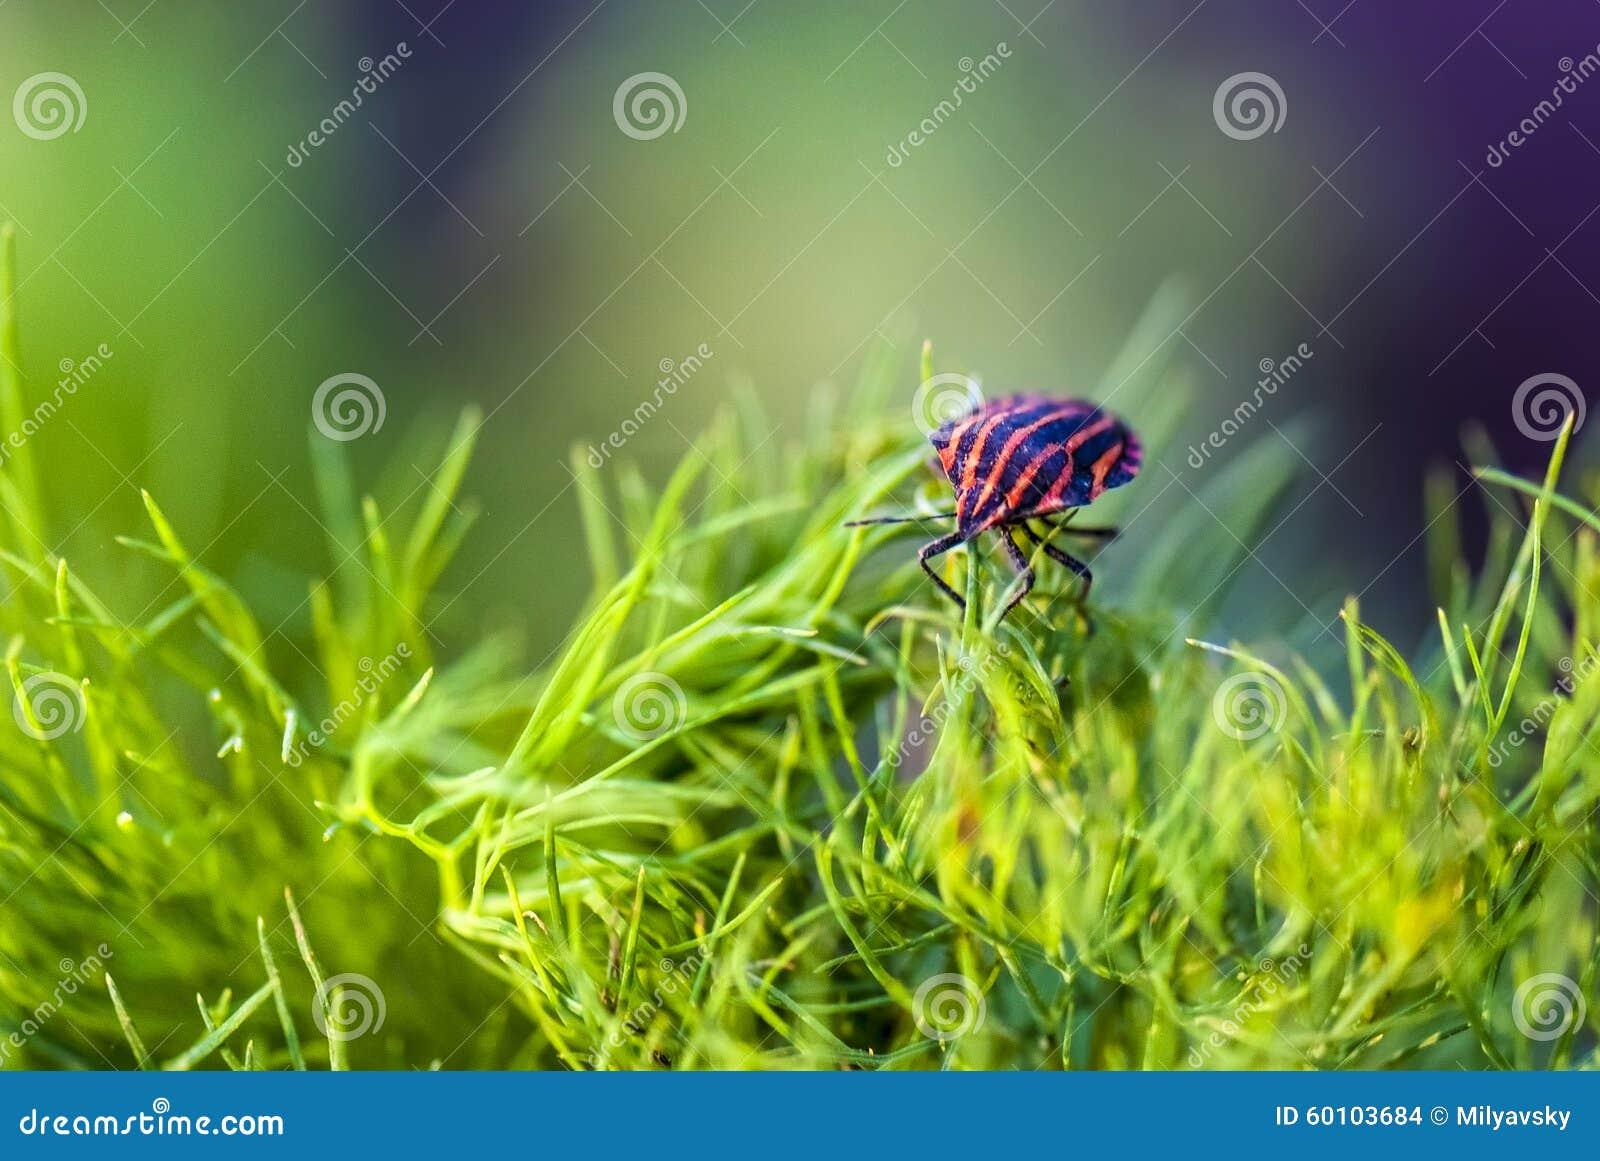 Photo intéressante et non occasionnelle de l insecte italien répandu de  troubadour se reposant sur une herbe Insecte tout à fait grand avec les  rayures ... ca184f8eb36